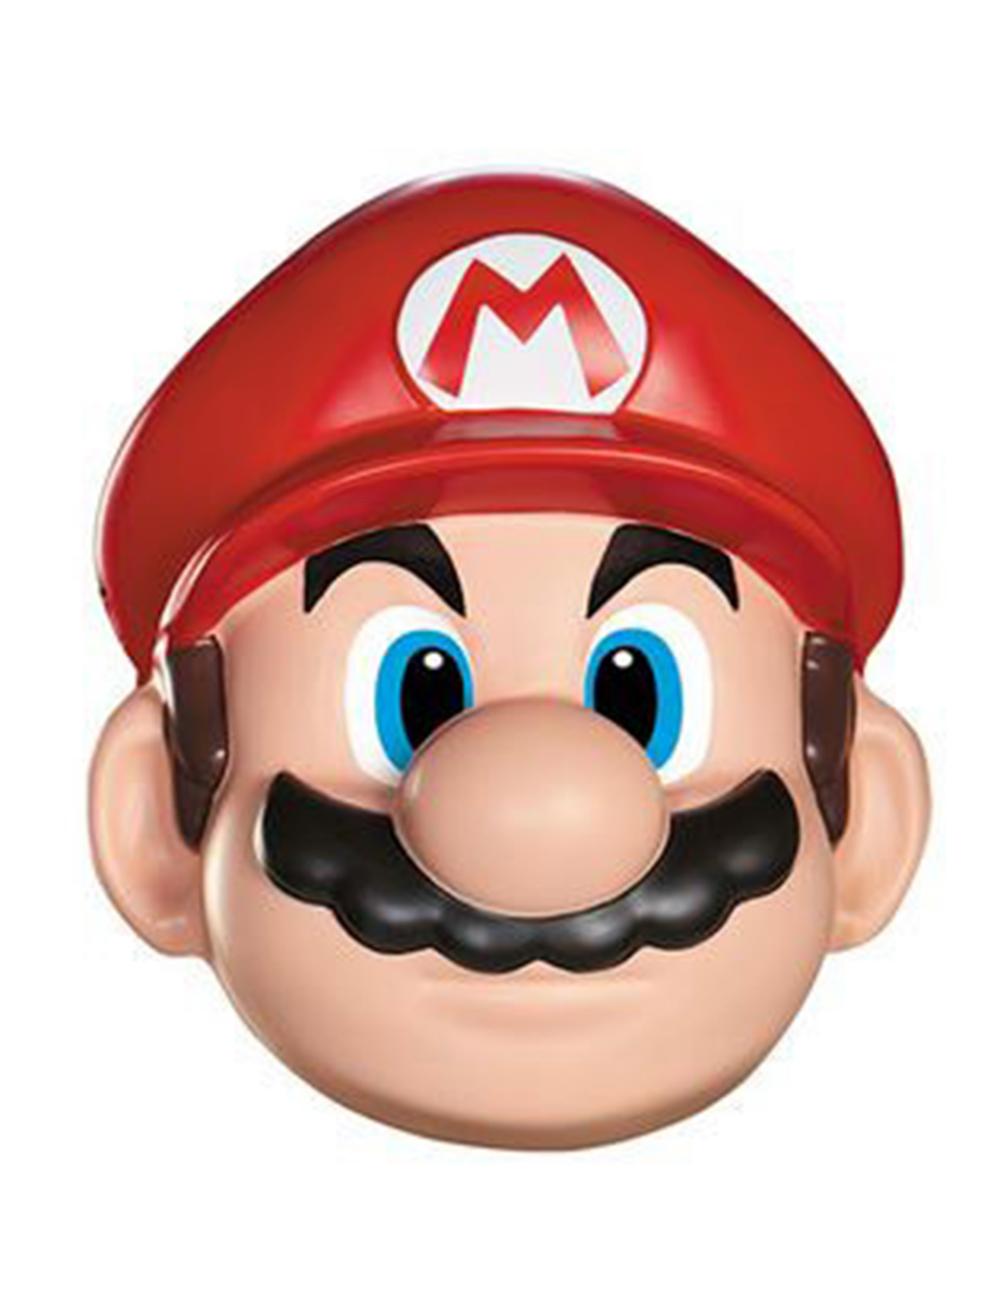 Mario Masker Voor Volwassenen Maskers En Goedkope Carnavalskleding Vegaoo Super Mario Brothers Super Mario Bros Mario Brothers